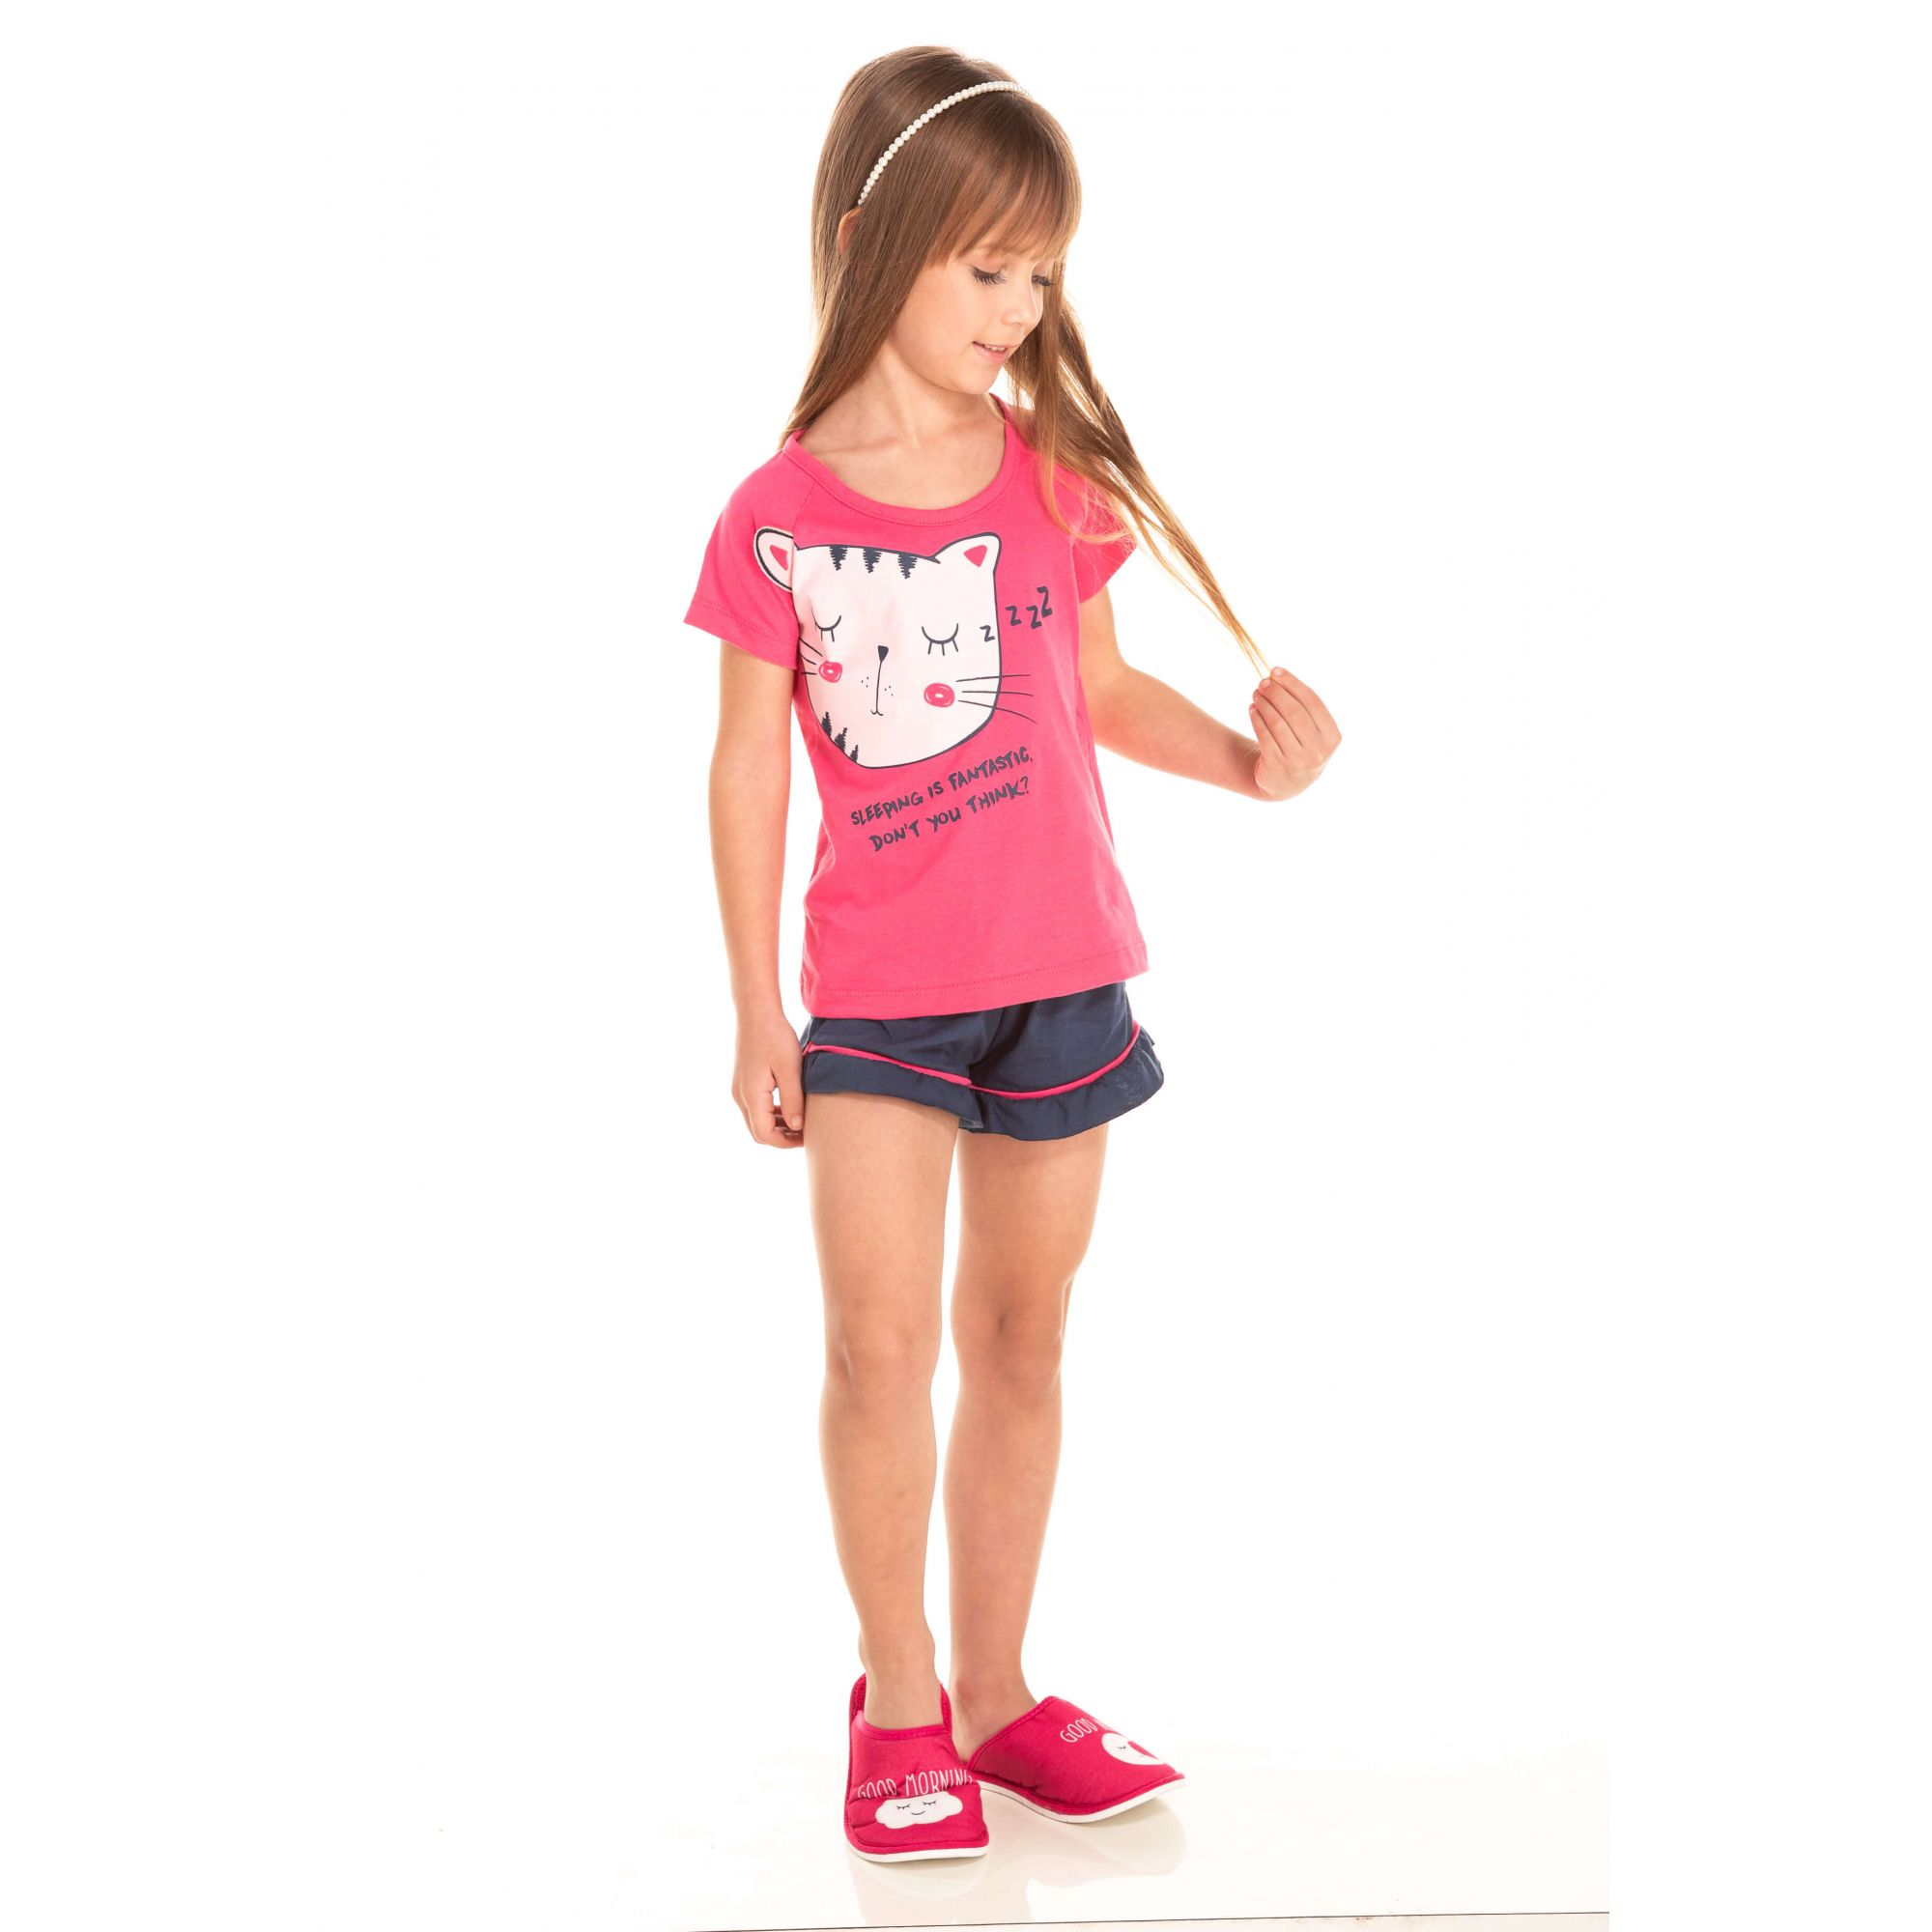 032 - Short Doll Infantil Feminino Gatinho Zzz - Pink